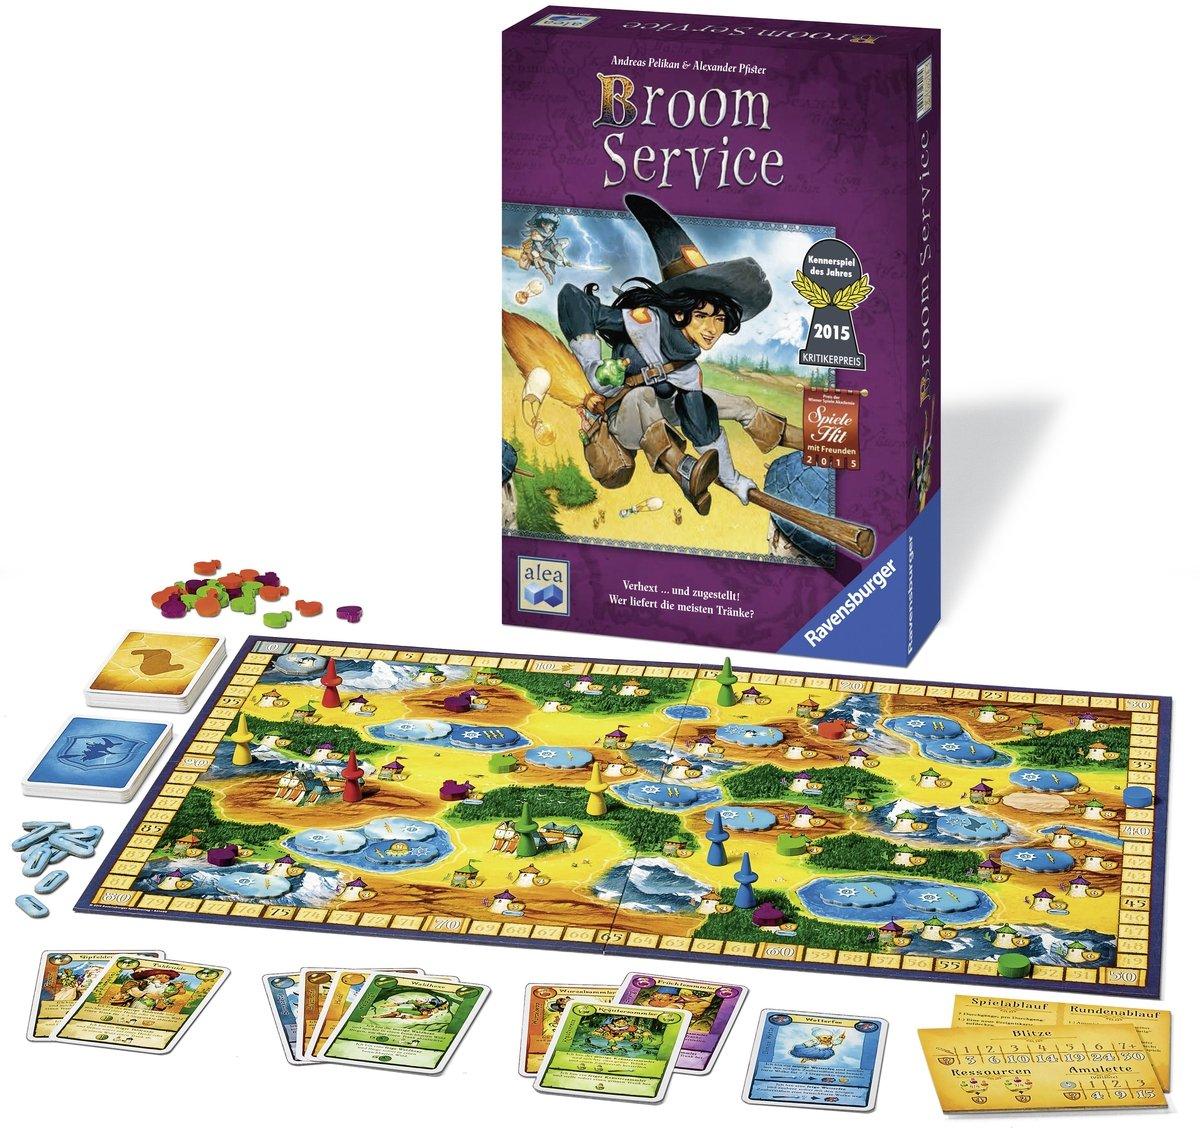 Broom Service (Spiel): Pelikan, Andreas, Pfister, Alexander: Amazon.es: Juguetes y juegos